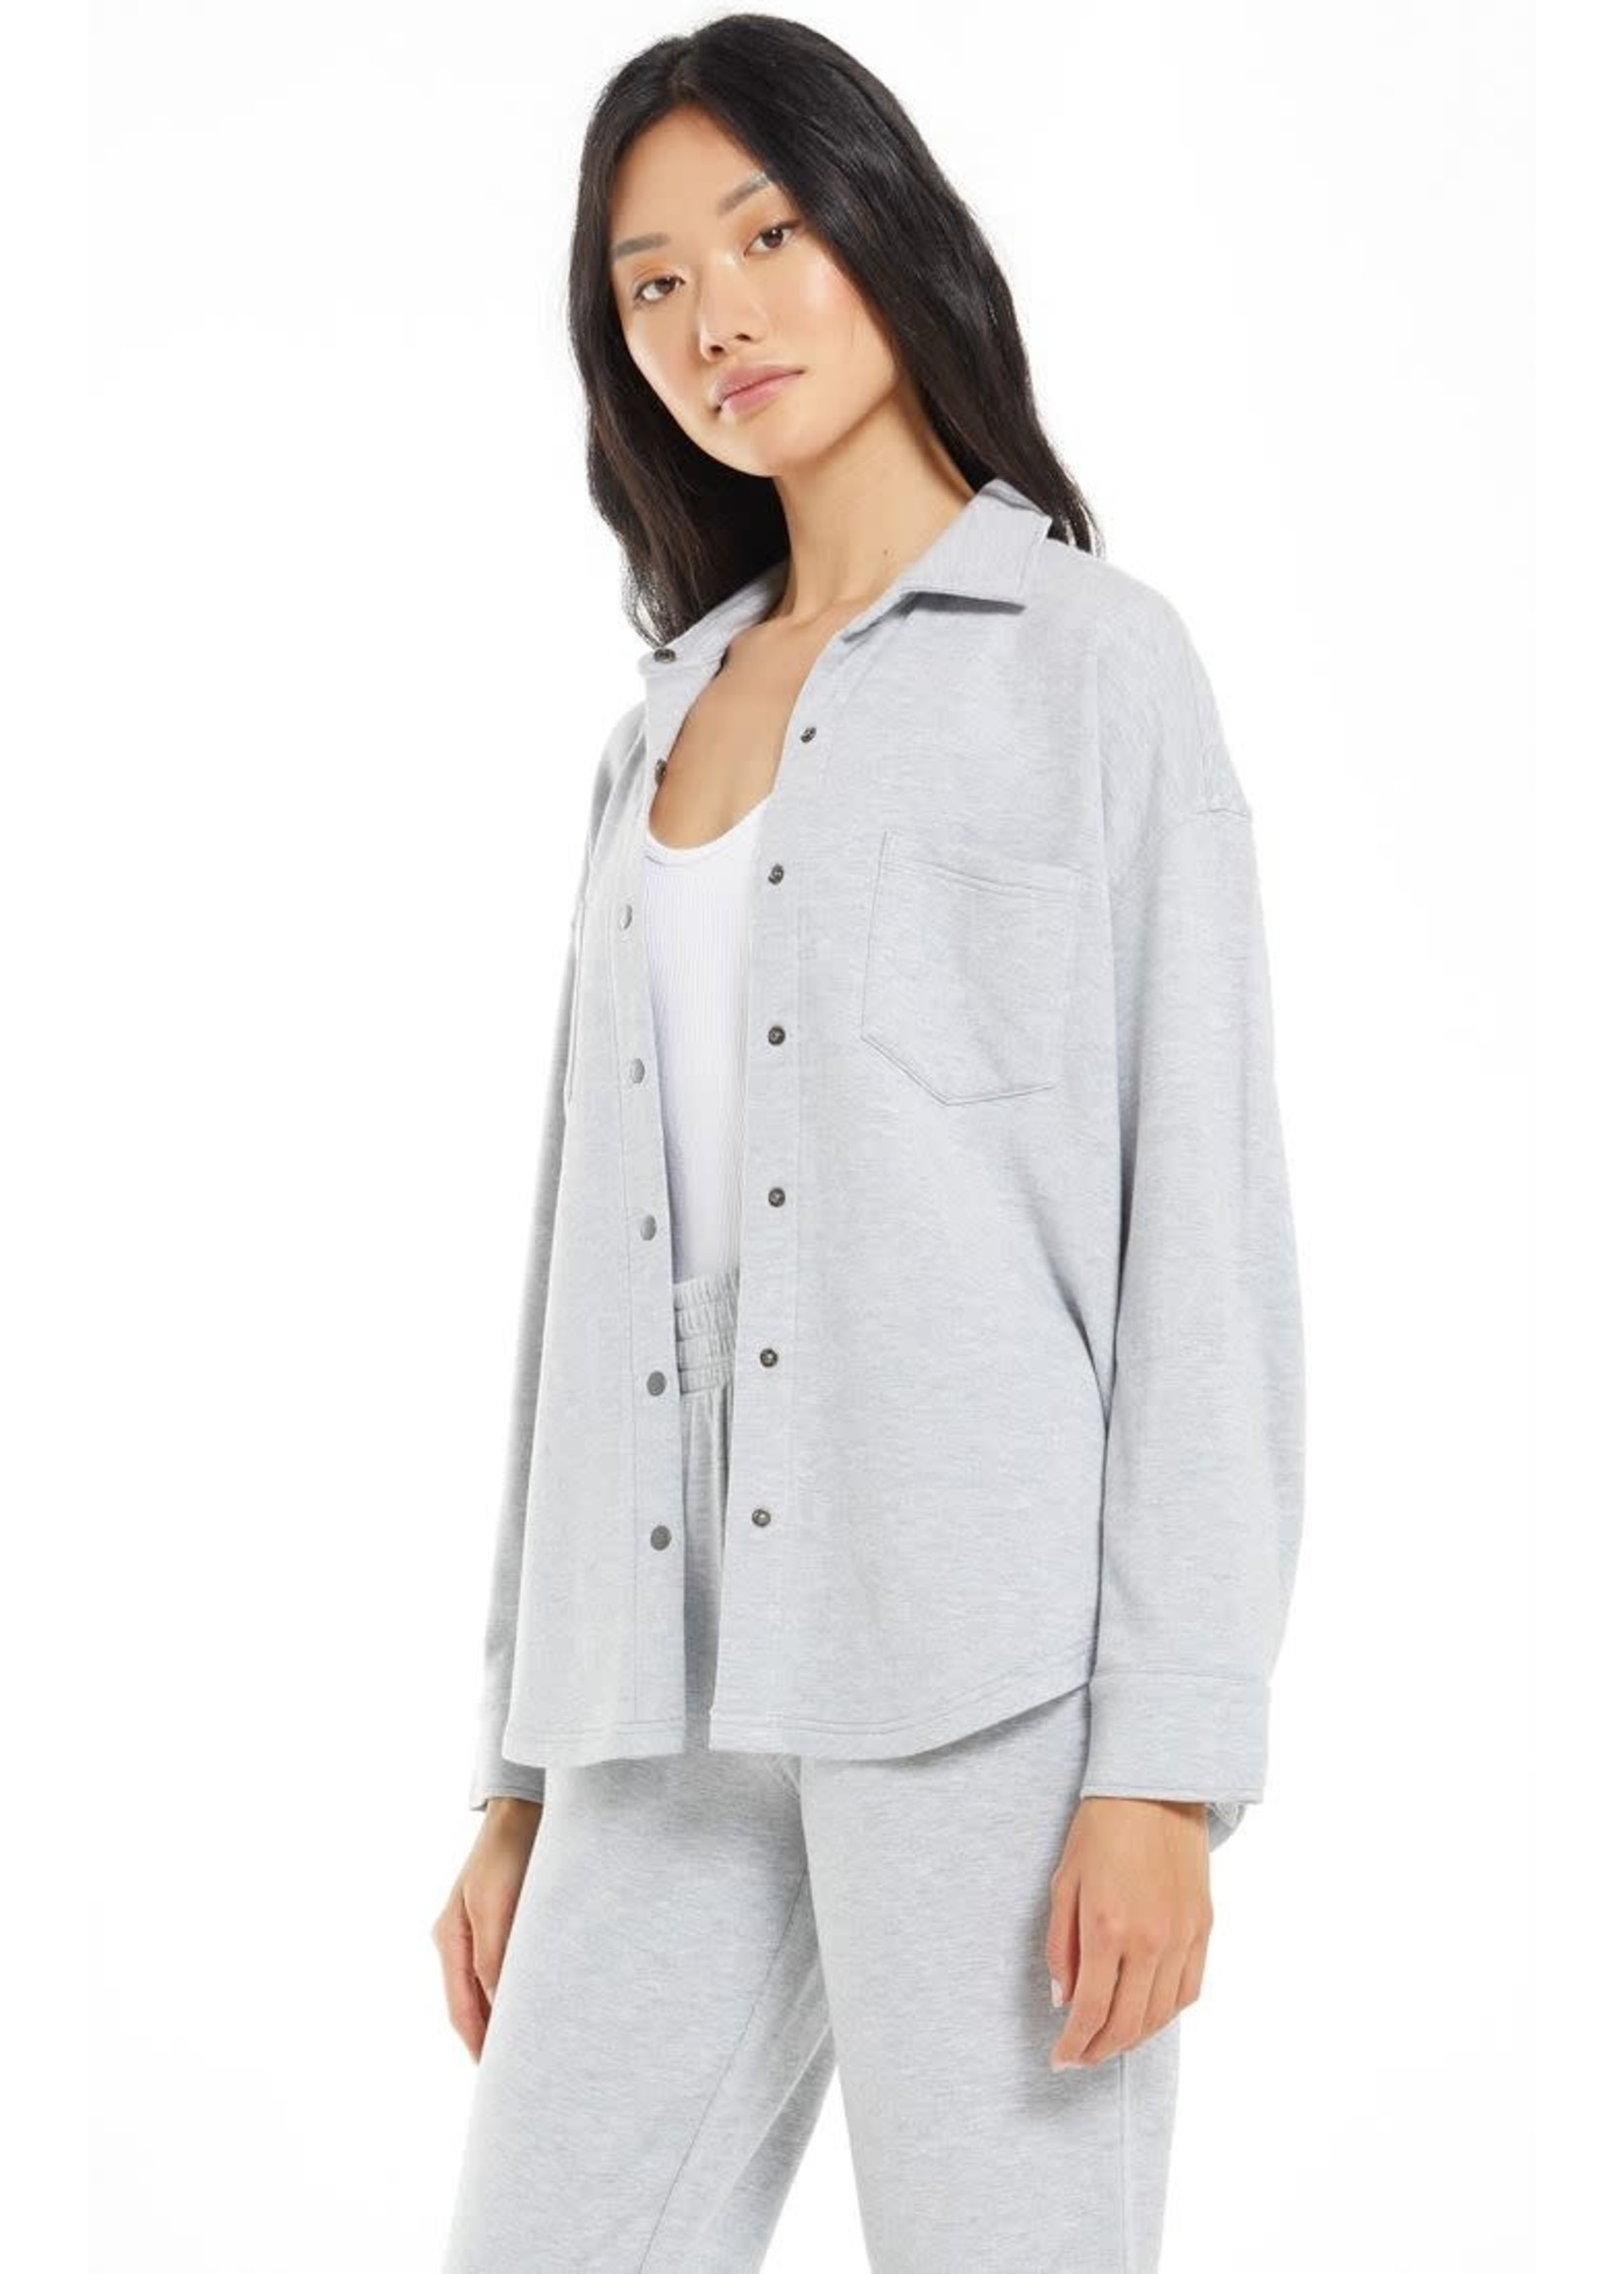 Z Supply WFH Modal Shirt Jacket - ZT213144